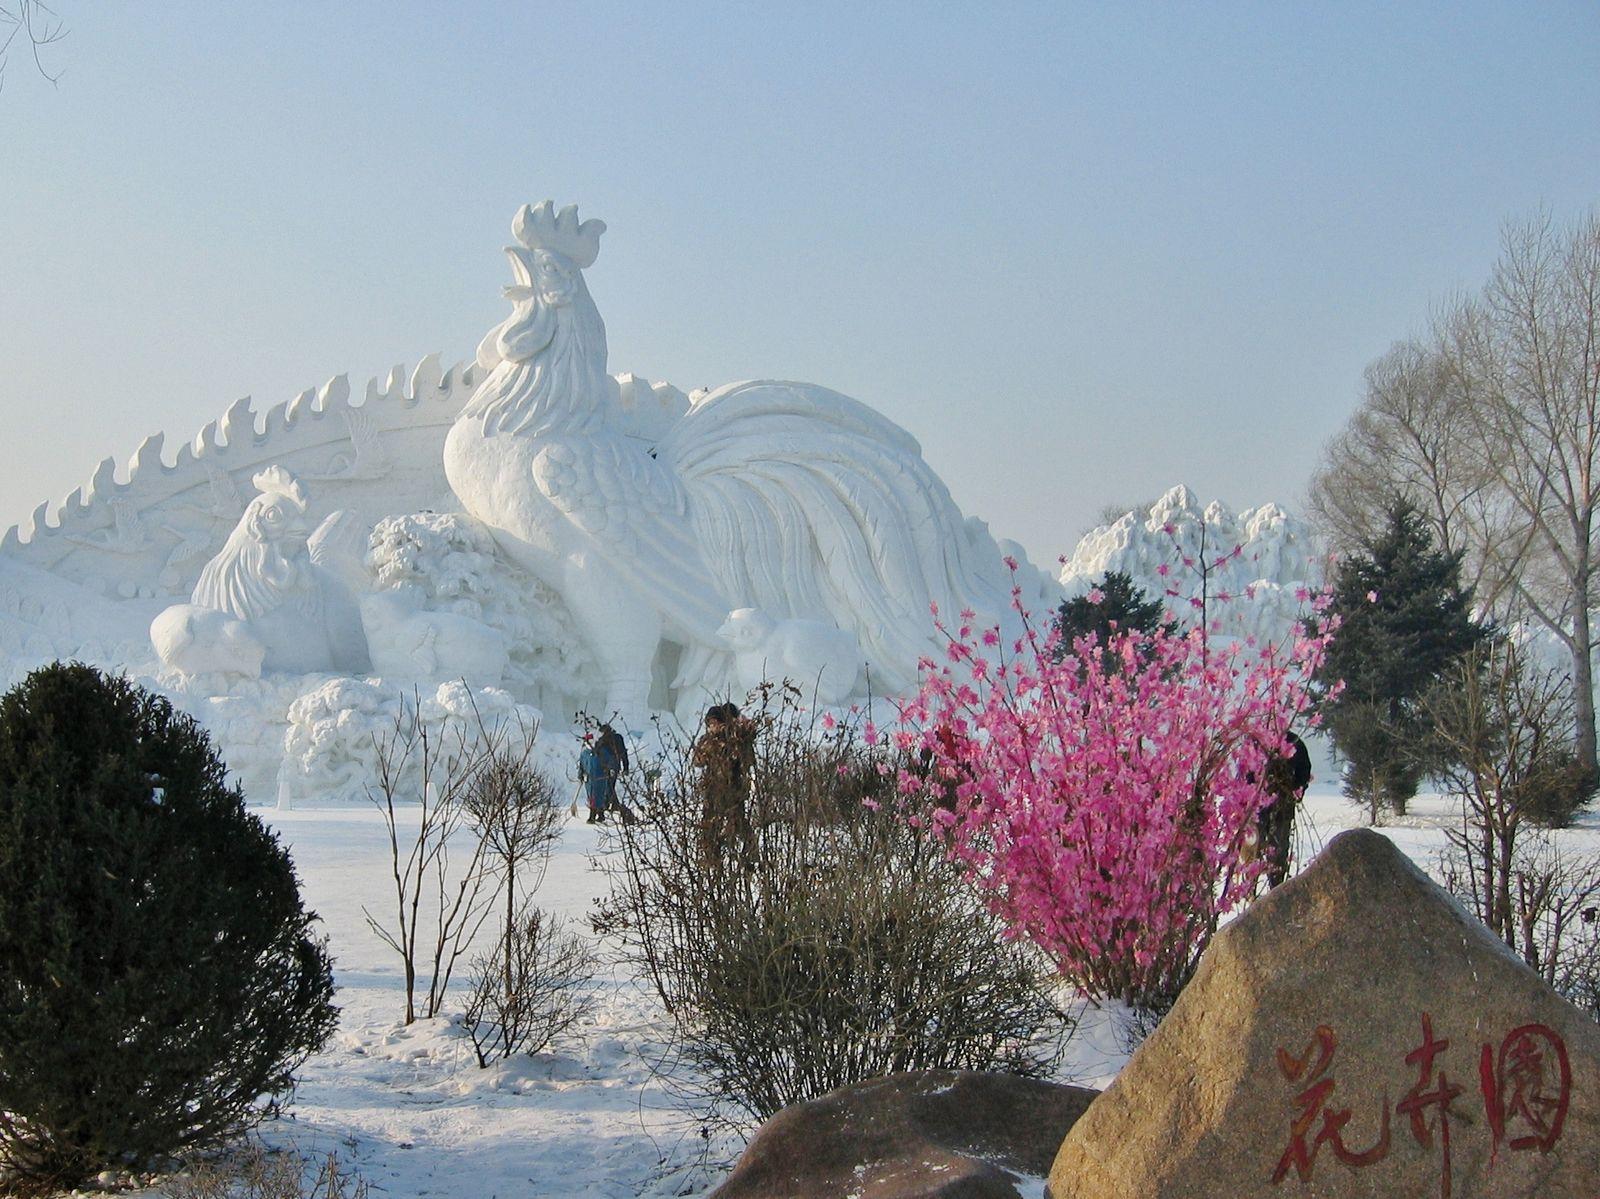 除了上海市海湾国家森林公园,宜兴龙背山森林公园,风景甚好的公园还有